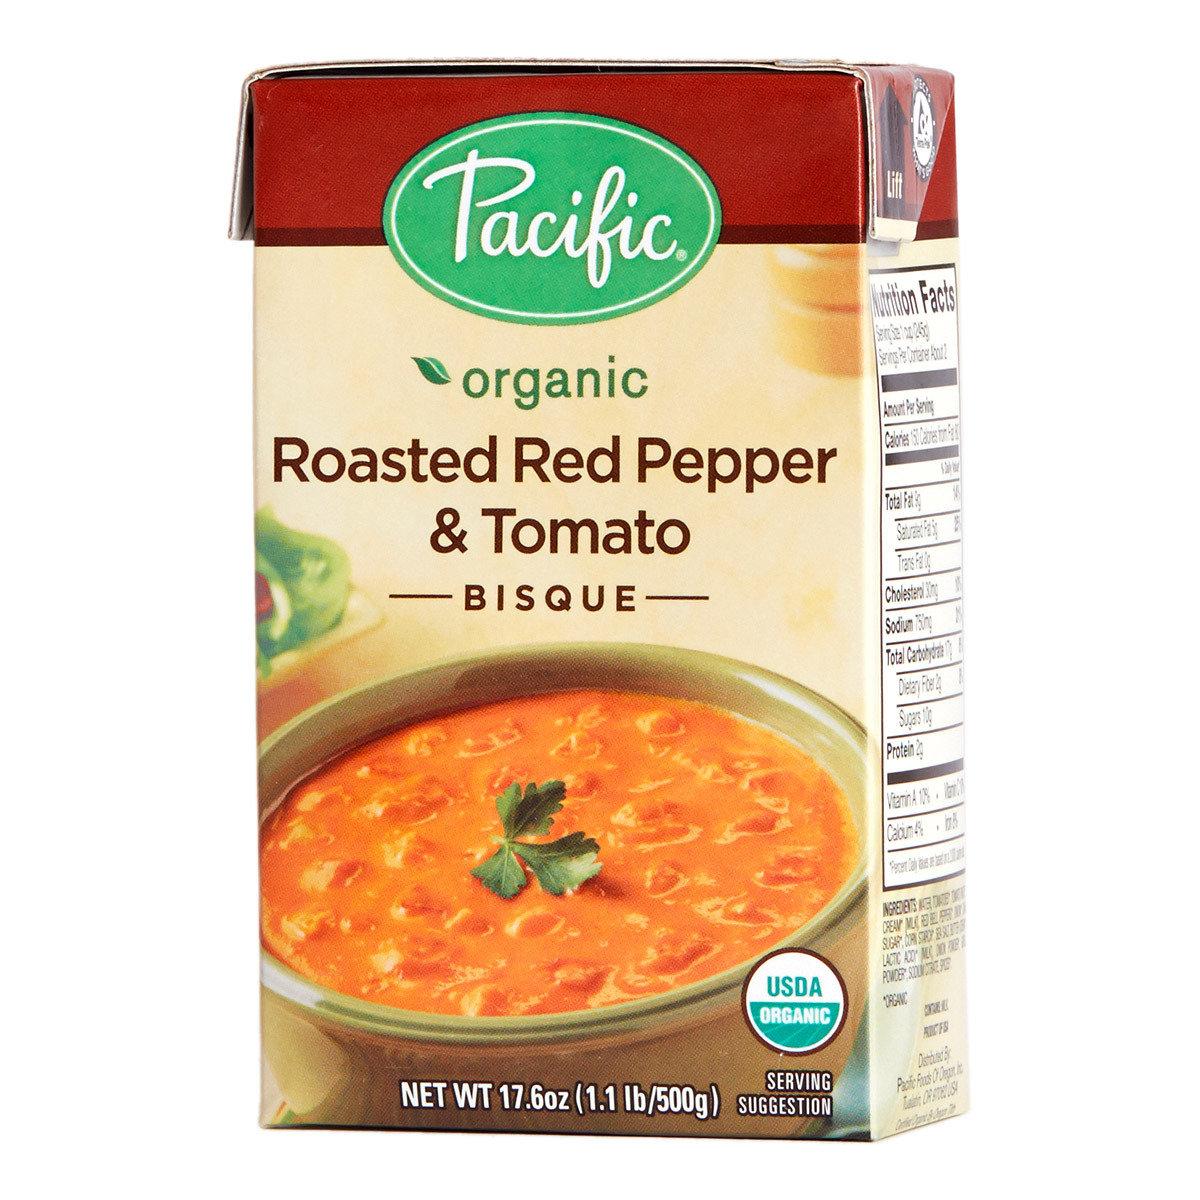 有機法式紅椒番茄濃湯